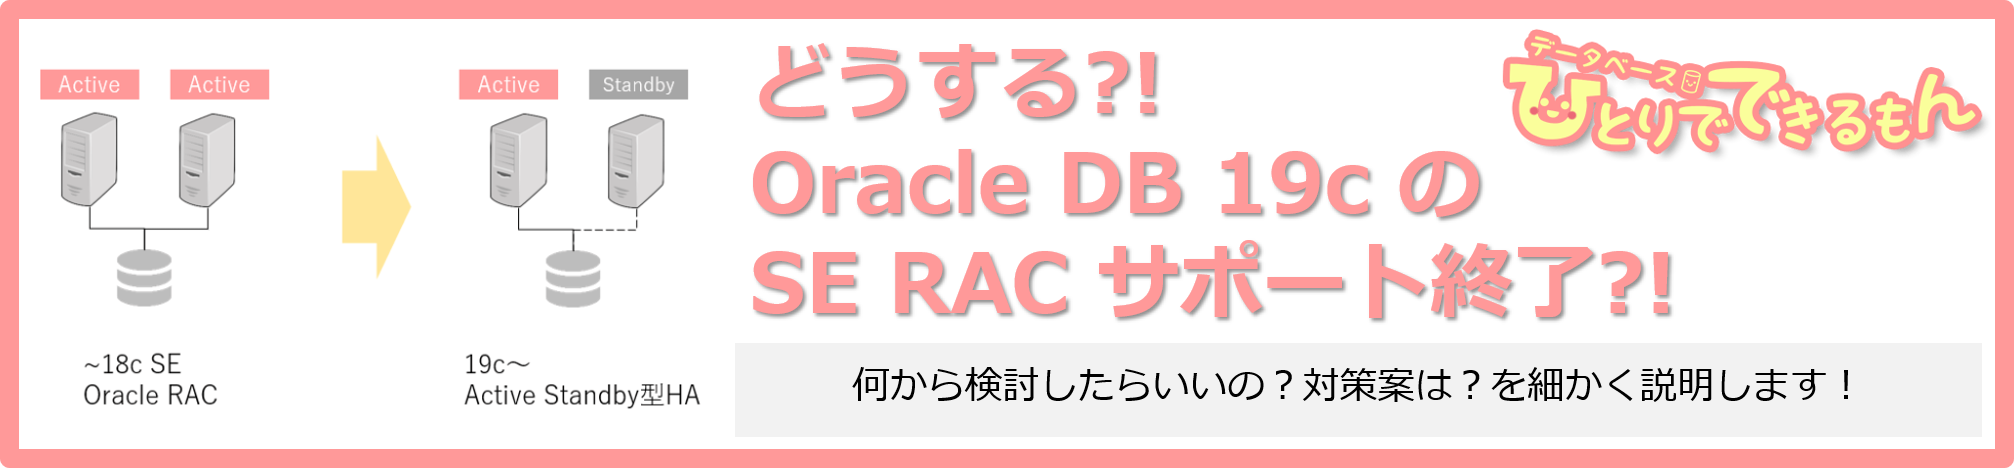 大変!どうする?Oracle Database 19c の SE RAC サポート終了